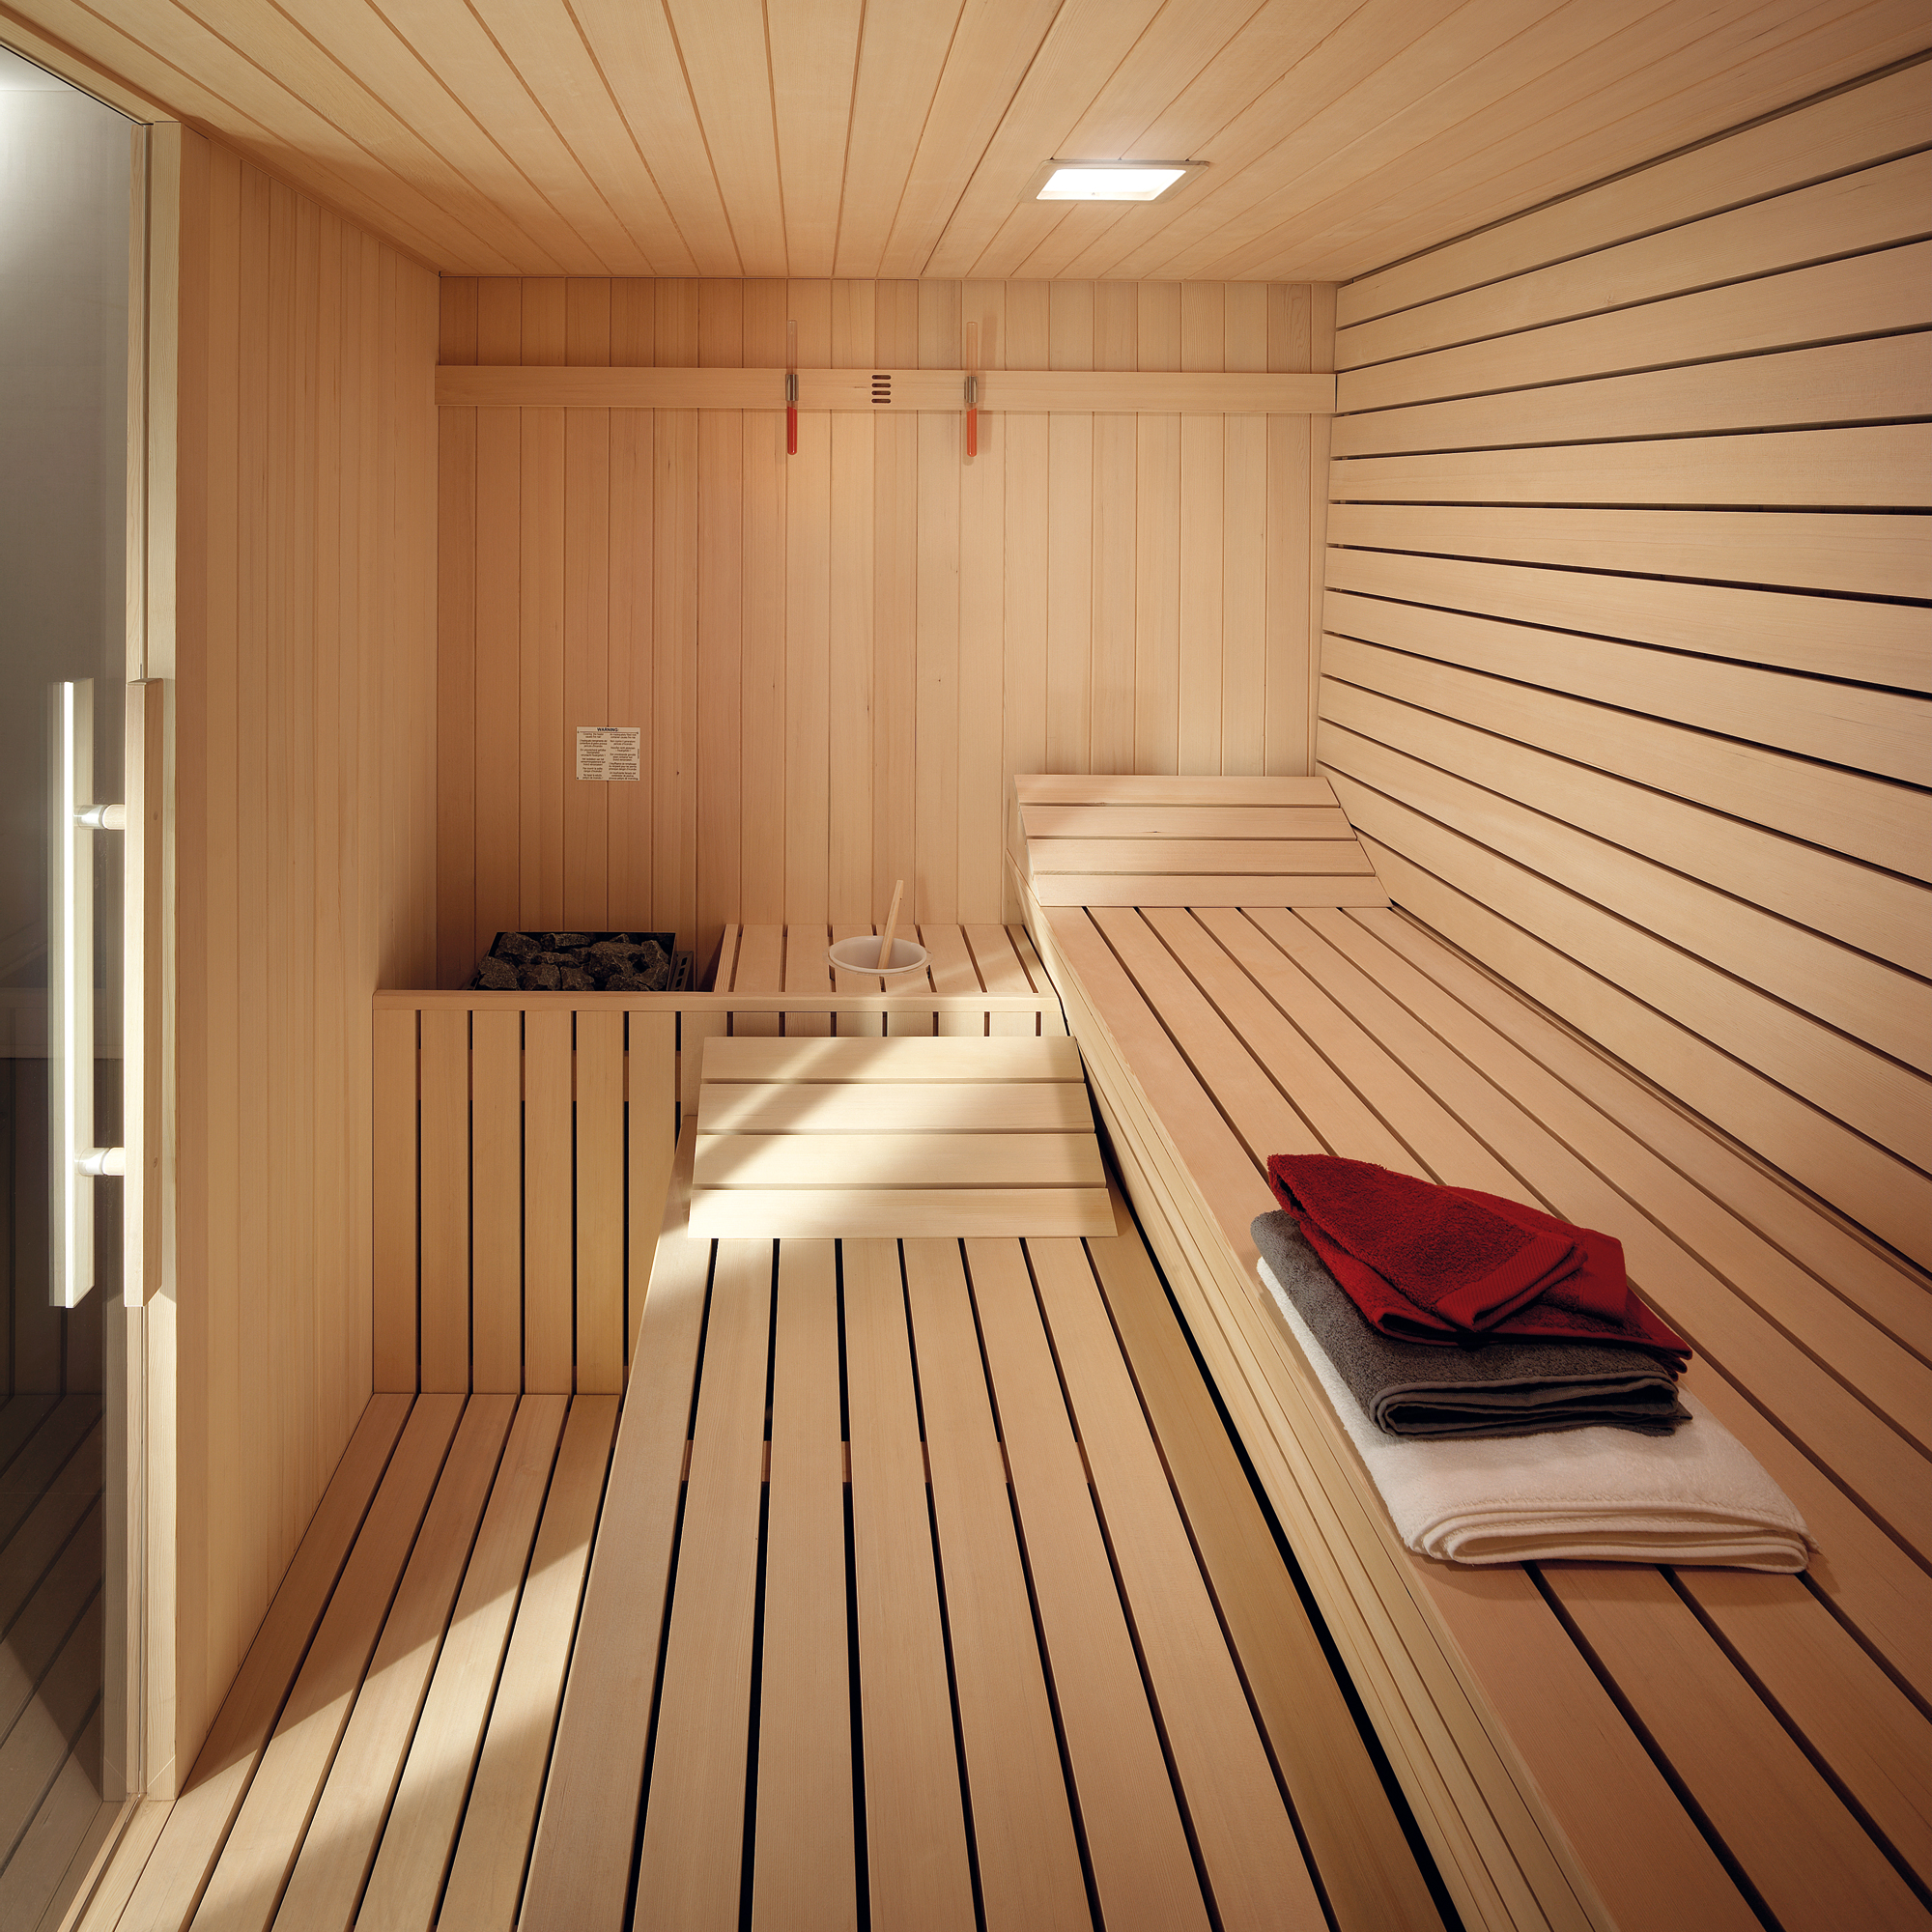 Prezzi sauna per casa - Prezzi sauna per casa ...